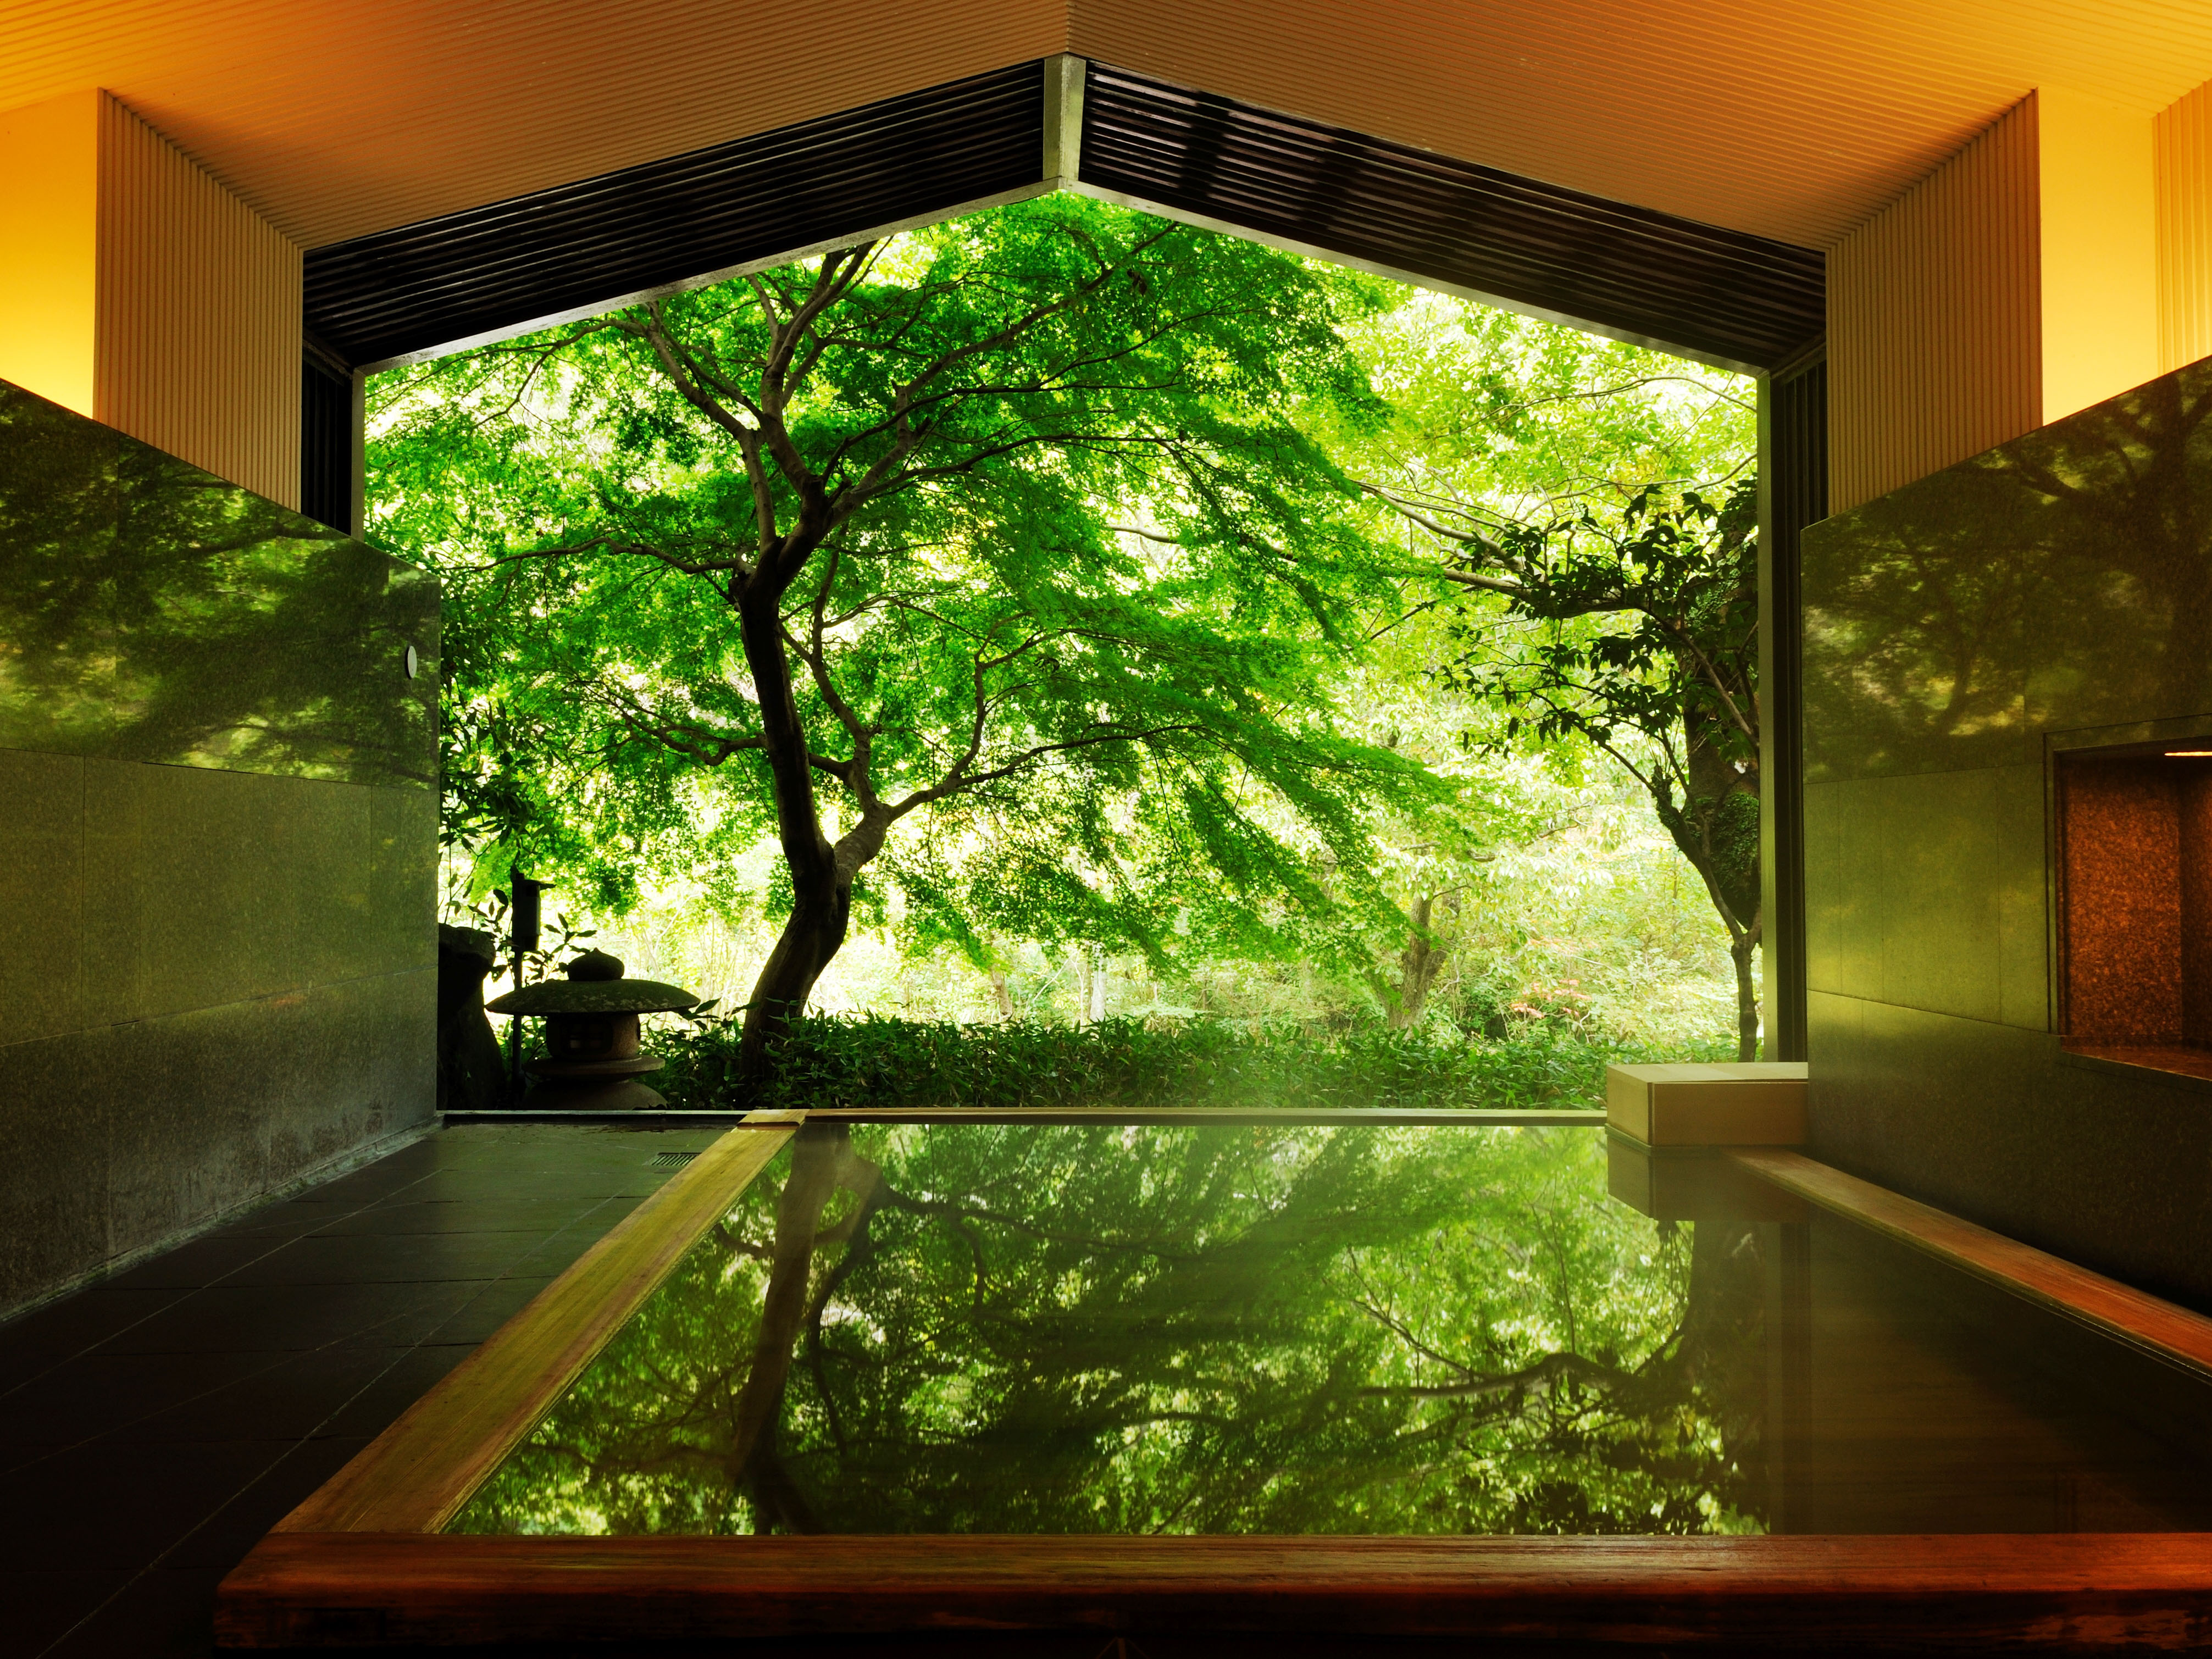 箱根でおすすめの観光スポット8選。混雑を回避できる穴場もご紹介